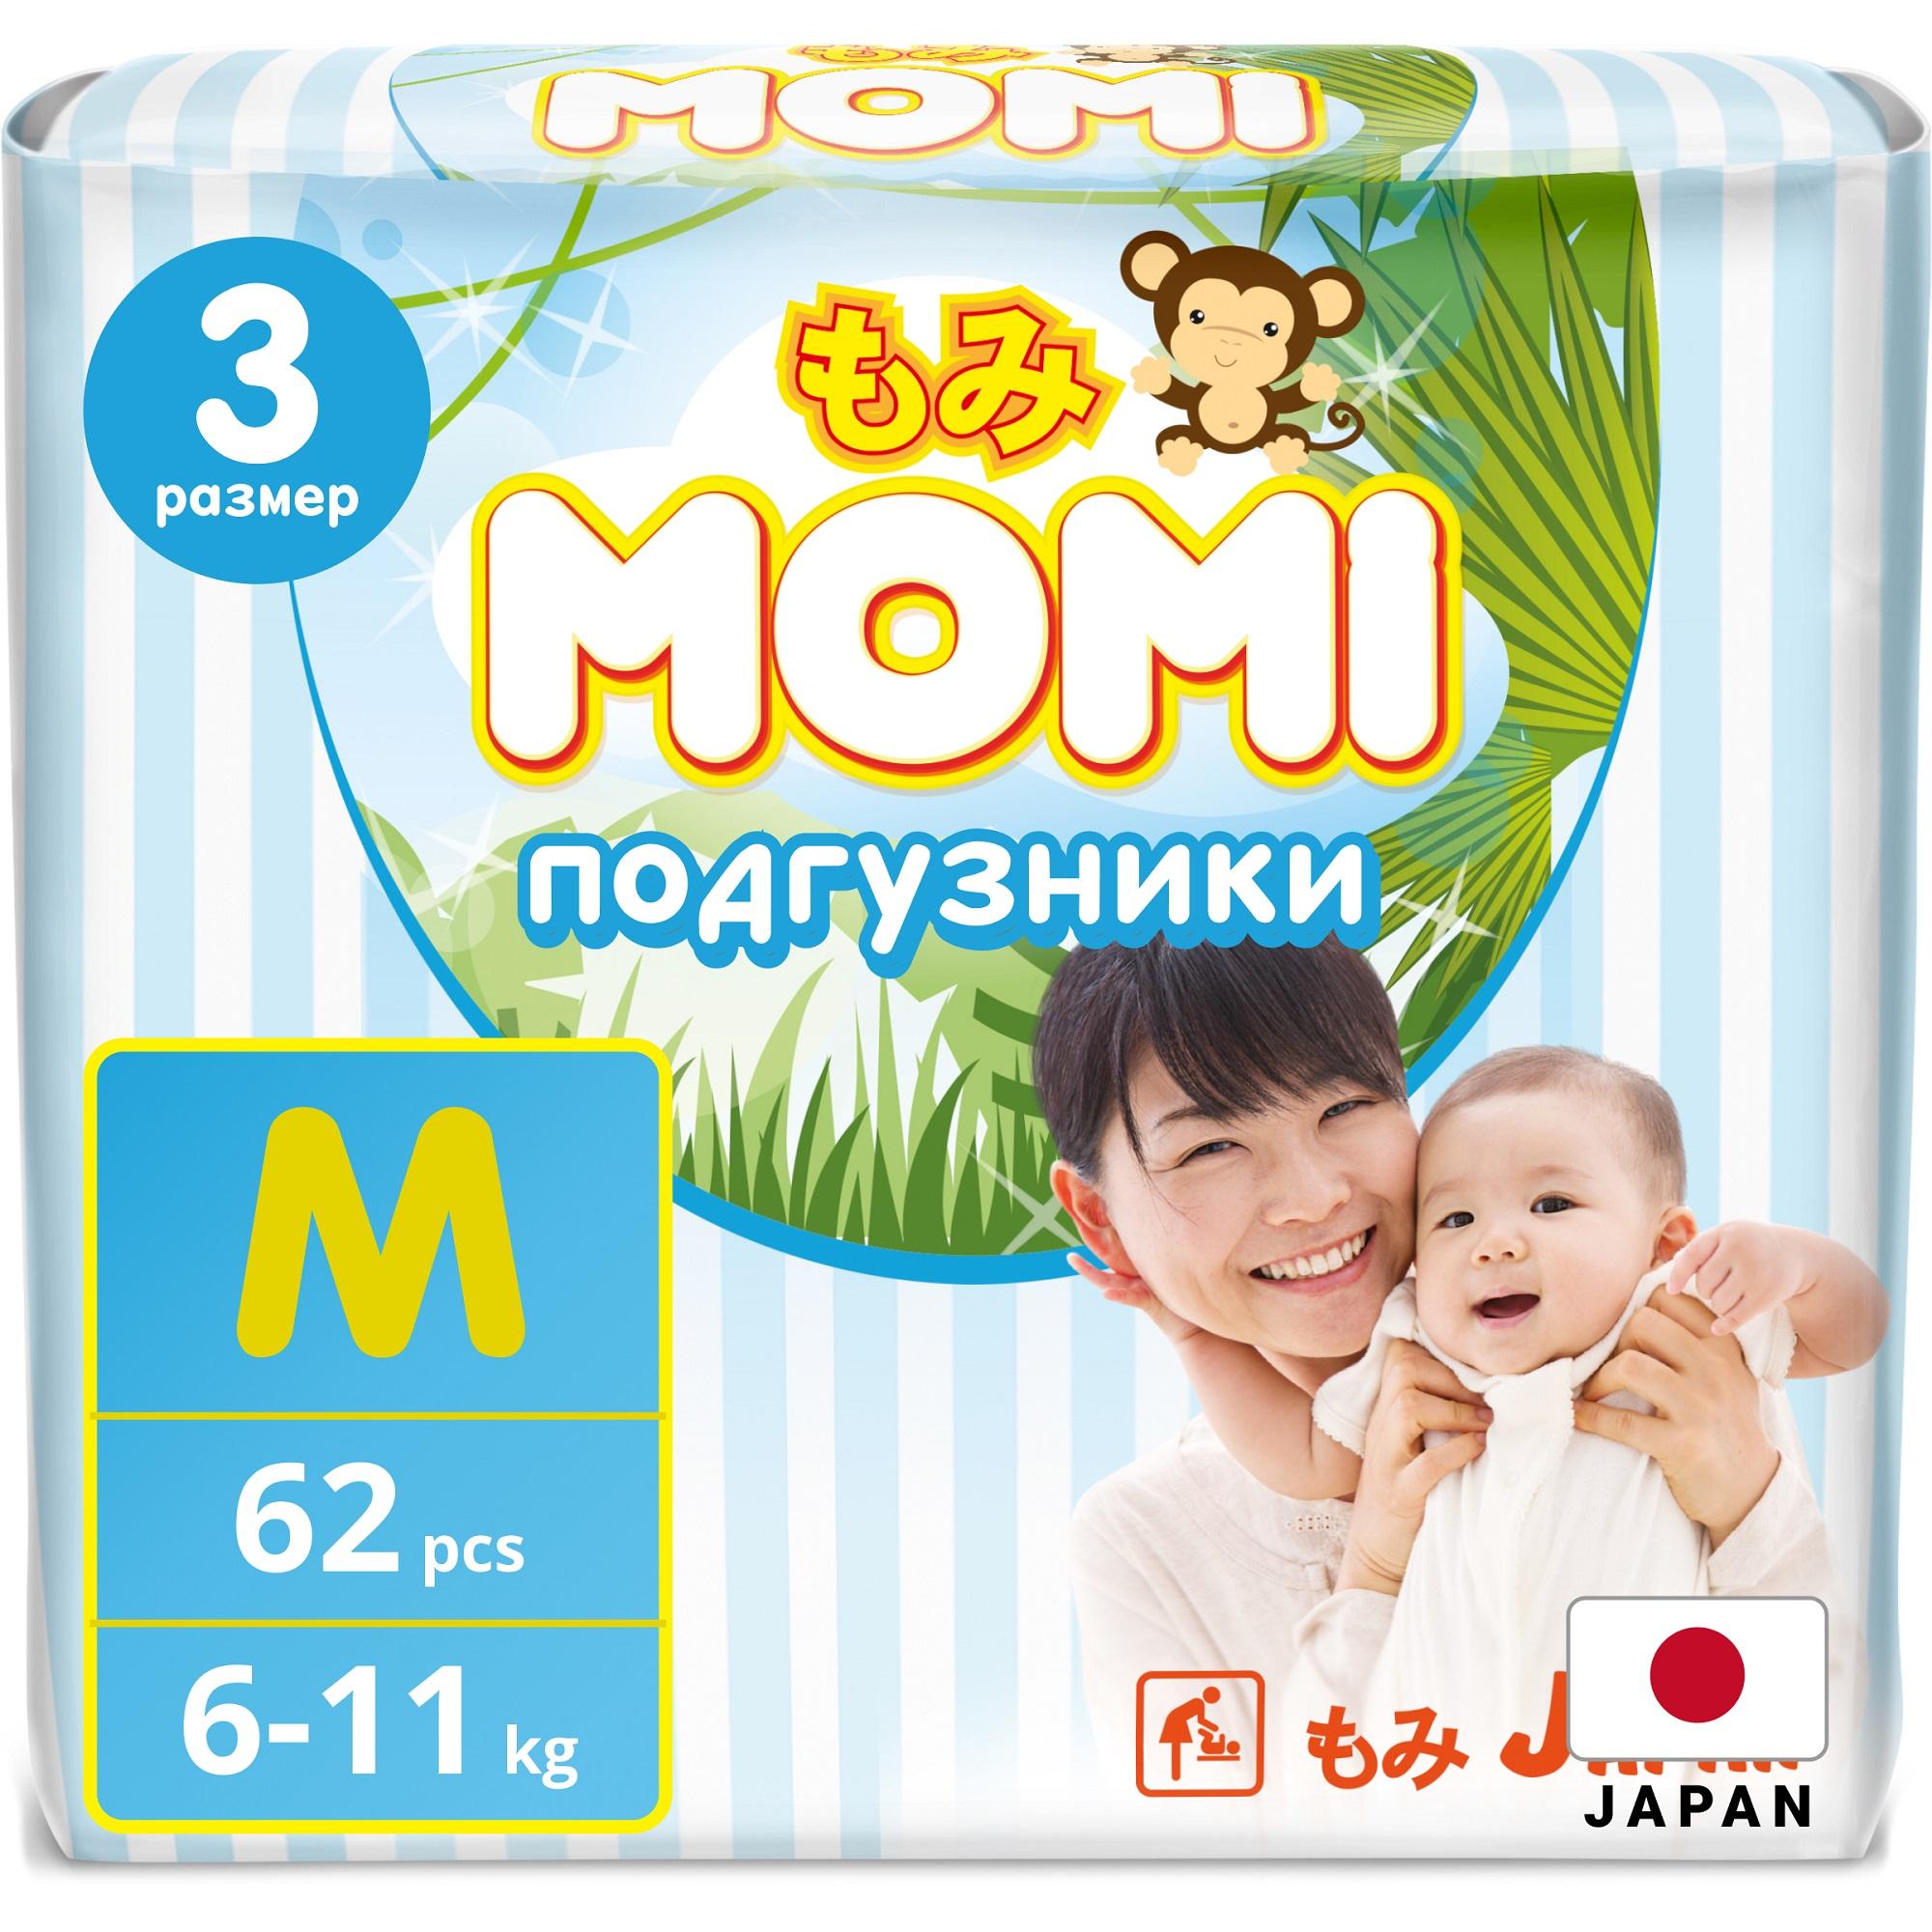 Купить Подгузники Momi 6-11 кг 62 шт, Для детей,